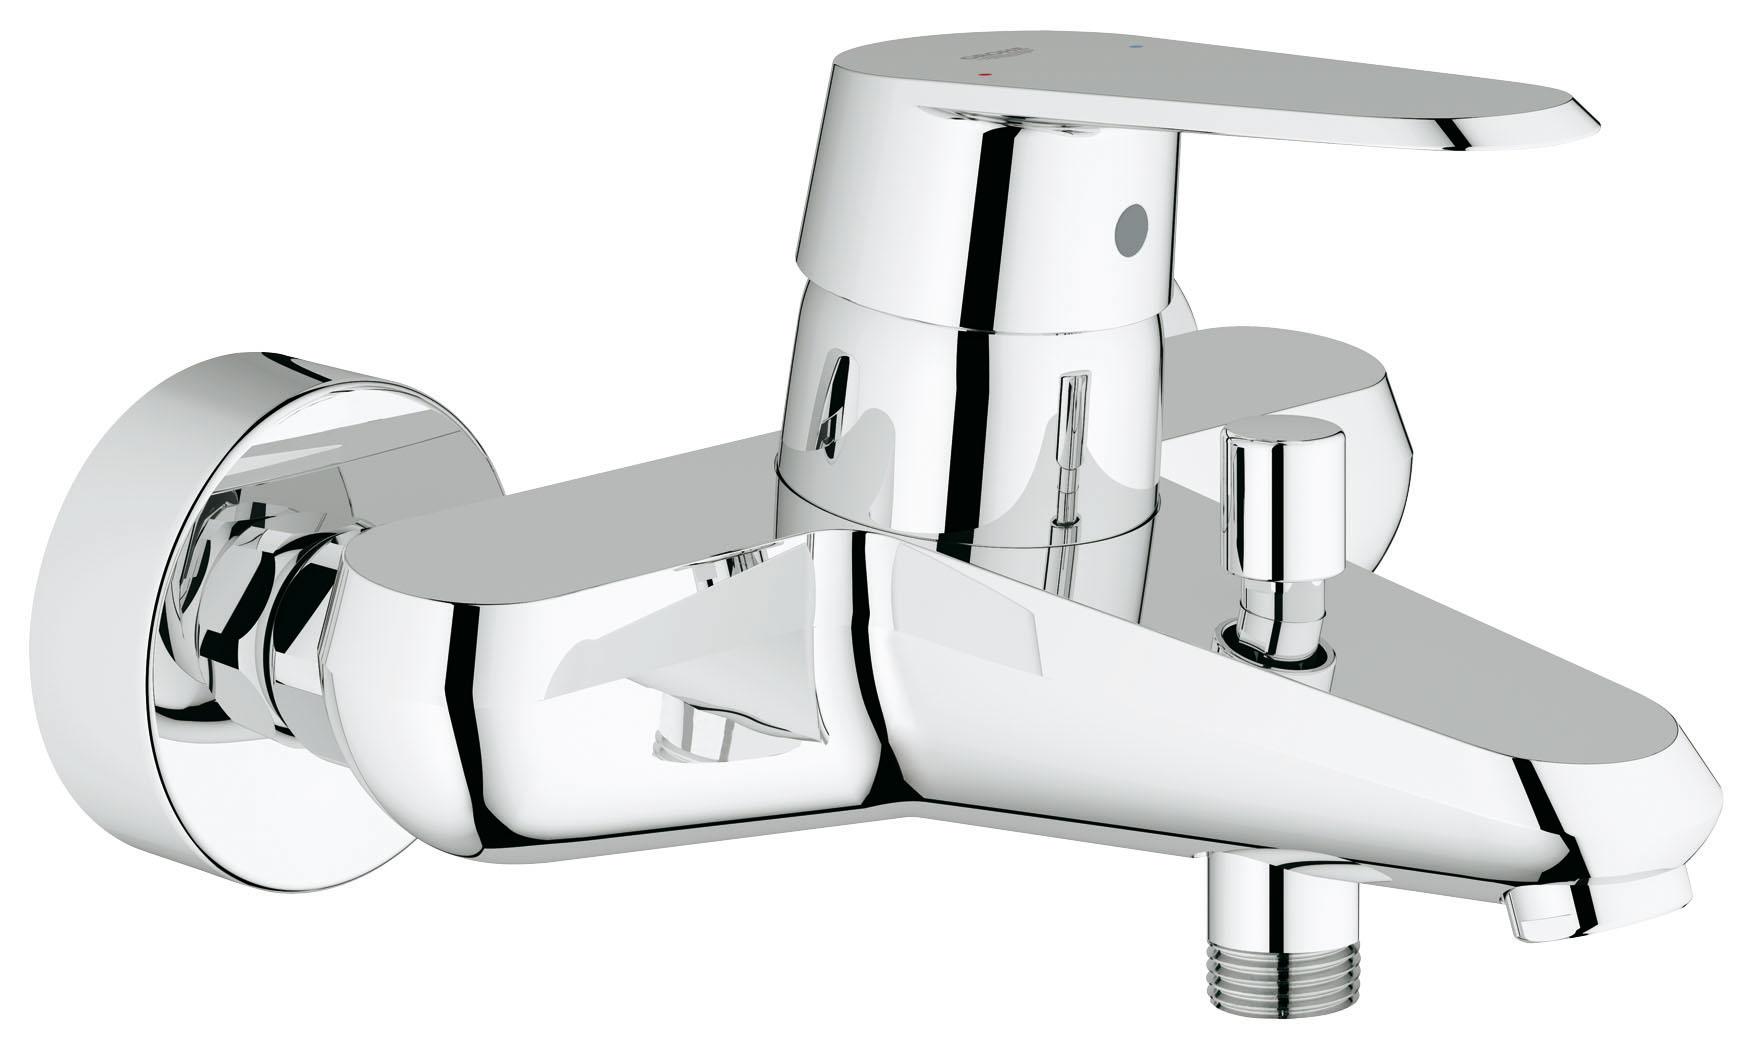 Смеситель для ванны GROHE Eurodisc Cosmopolitan (33390002)33390002GROHE Eurodisc Cosmopolitan: функциональный смеситель для ванны с лаконичным дизайном Этот однорычажный смеситель для ванны из серии GROHE Eurodisc Cosmopolitan удовлетворит всем Вашим ожиданиям и станет великолепным дополнением к оснащению Вашей ванной комнаты. Он отличается стильным и лаконичным дизайном и выпускается с хромированным покрытием GROHE StarLight. Благодаря изливу с выносом 184 мм этот смеситель настенного монтажа идеально подойдет для комплектации любой ванны. Встроенный картридж с технологией GROHE SilkMove обеспечивает плавность и легкость регулировки напора и температуры воды. Приятная и мощная струя воды позволит быстро наполнить ванну. Для мытья волос и принятия душа можно легко переключаться между изливом для наполнения ванны и душем с помощью встроенного переключателя. Перед Вами – смеситель с безупречной функциональностью для всевозможных водных процедур. Особенности: Настенный монтаж Металлический рычаг Аэратор GROHE SilkMove...